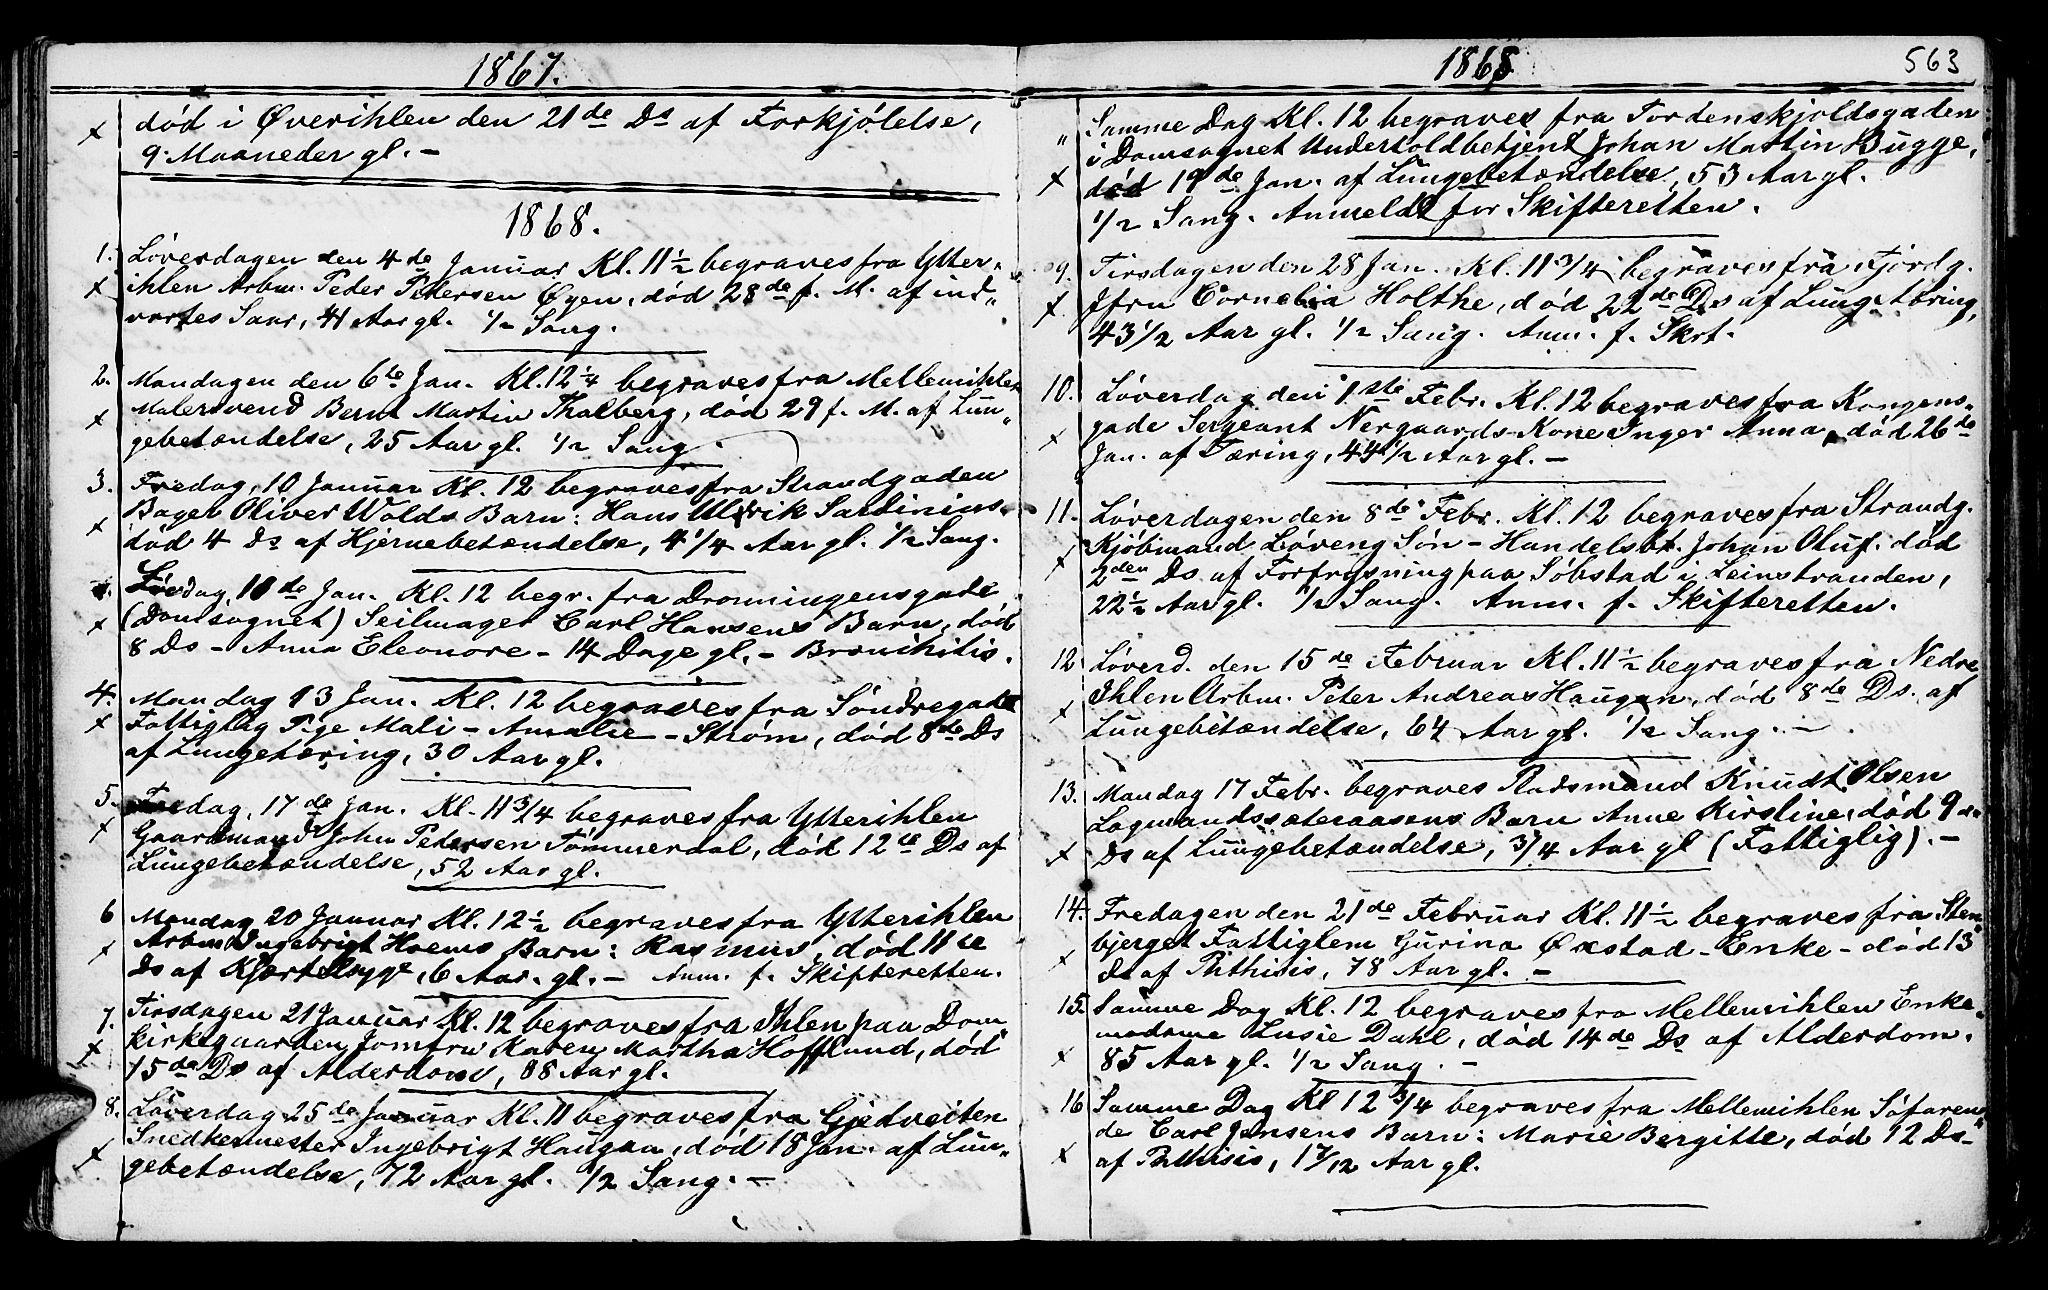 SAT, Ministerialprotokoller, klokkerbøker og fødselsregistre - Sør-Trøndelag, 602/L0140: Klokkerbok nr. 602C08, 1864-1872, s. 562-563